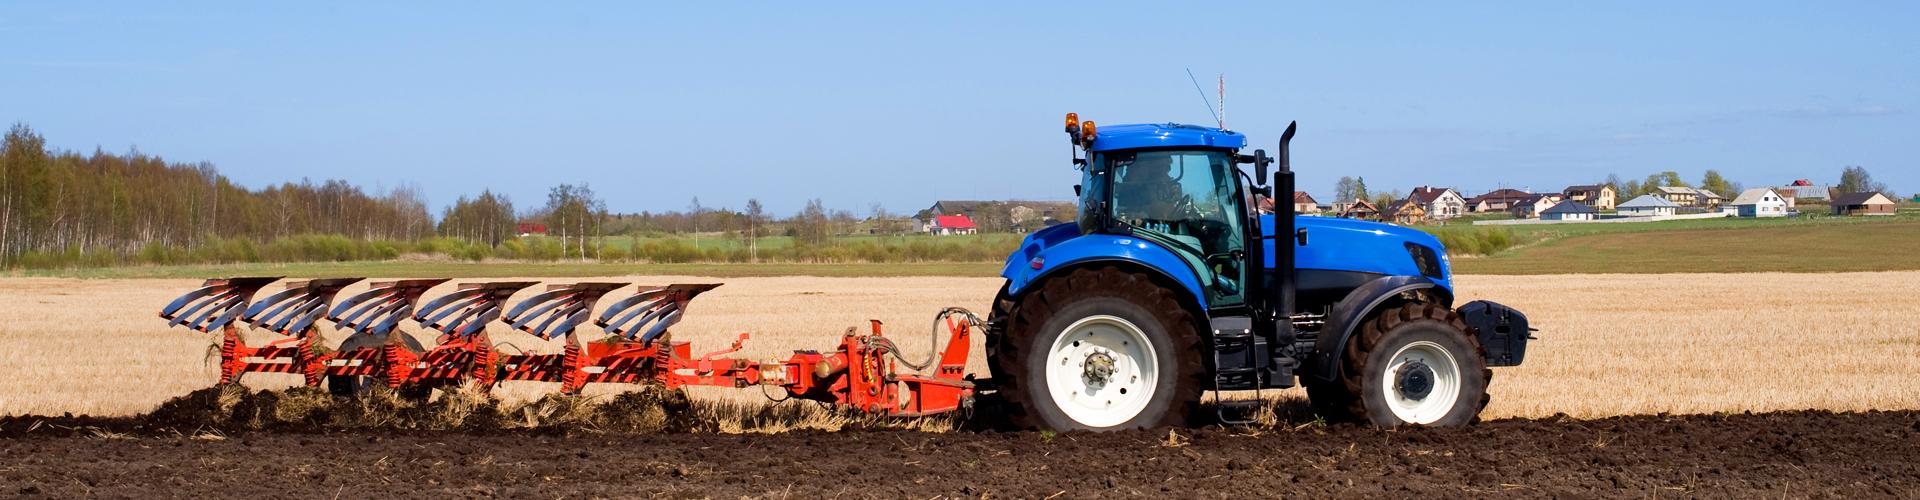 traktor anmelden